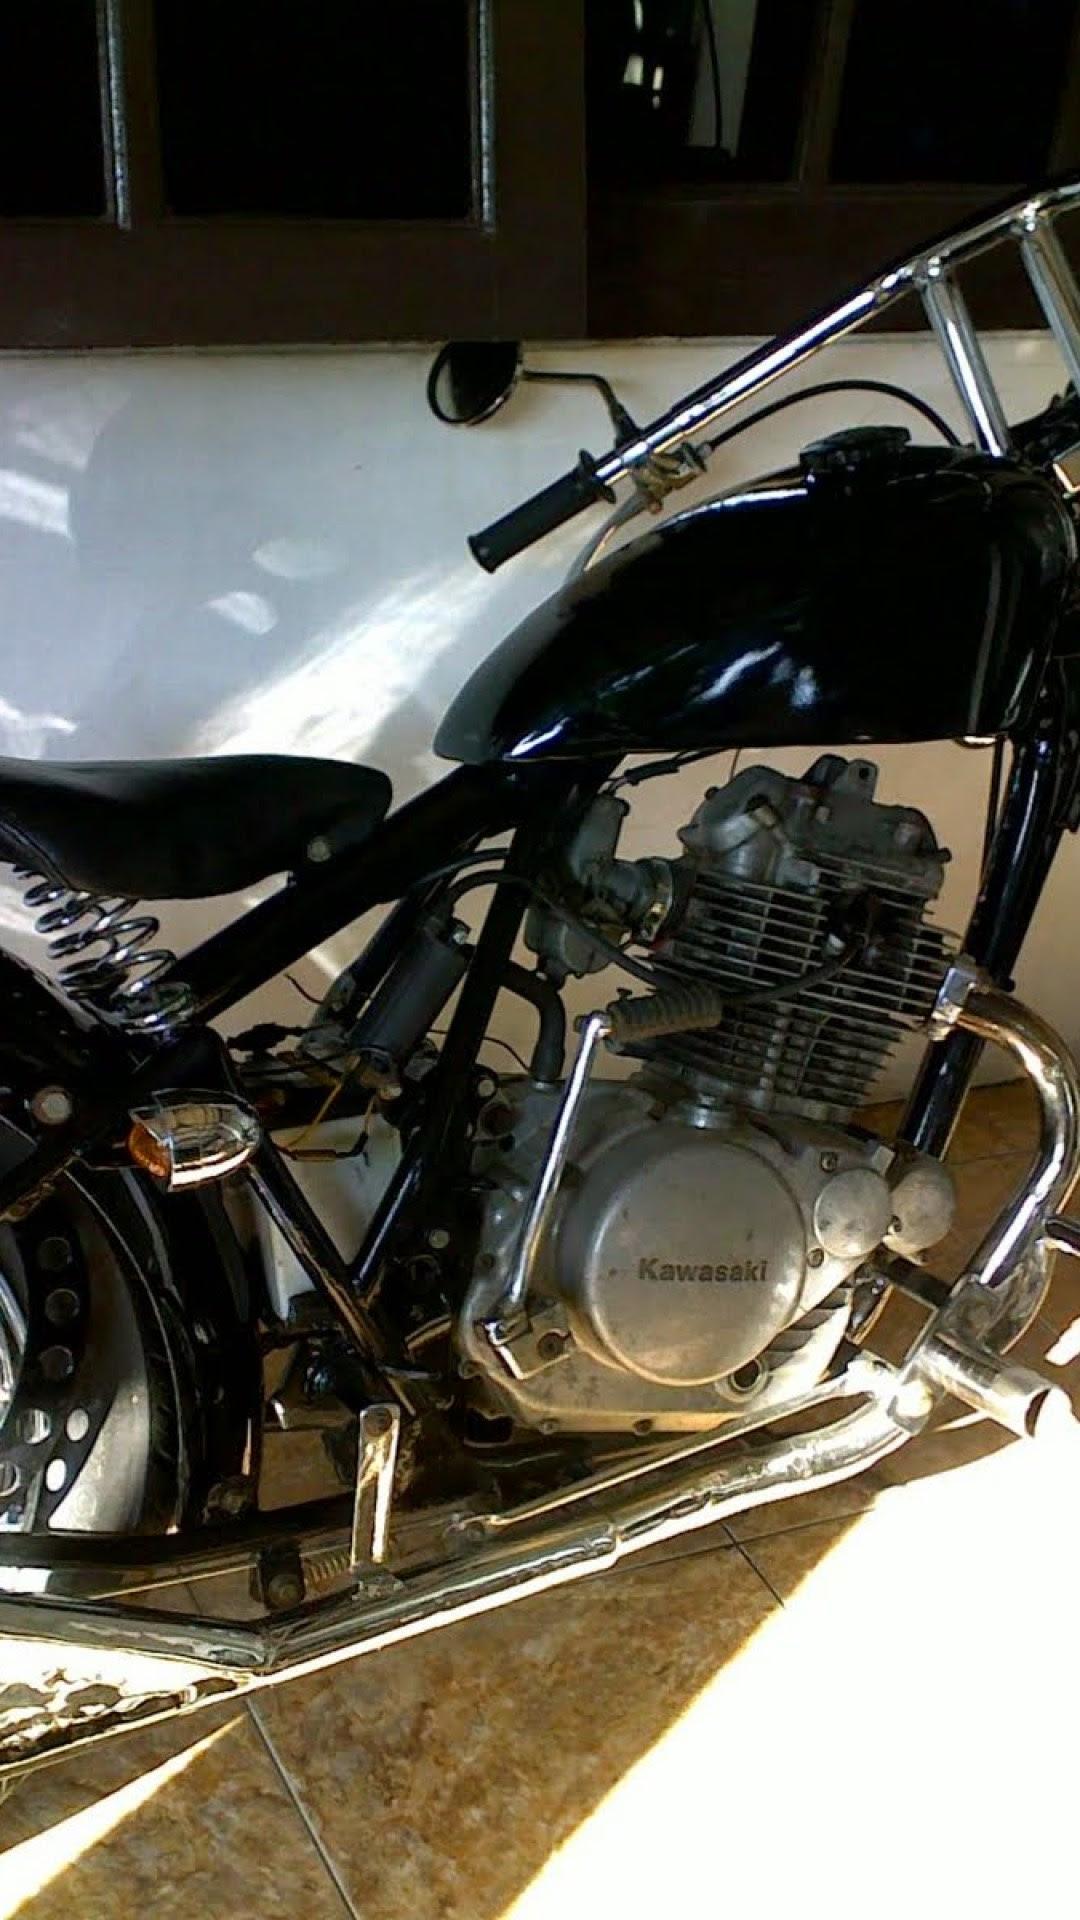 Koleksi Variasi Motor Tiger Modifikasi Yamah NMAX